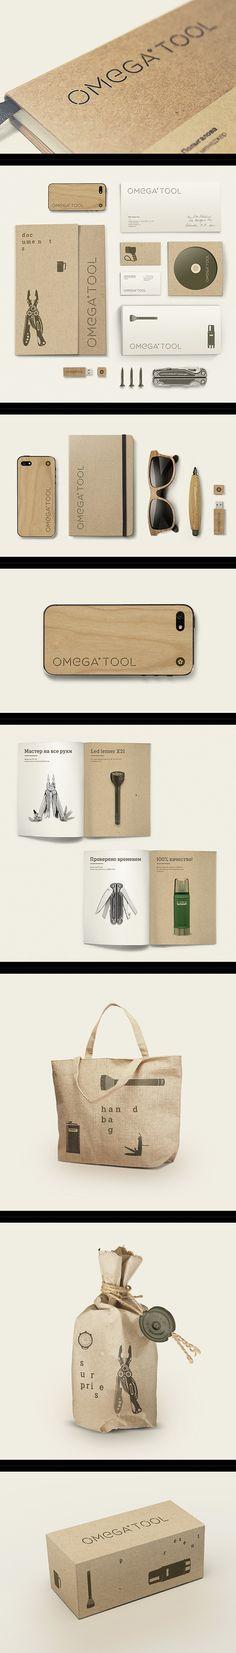 Omega tool branding